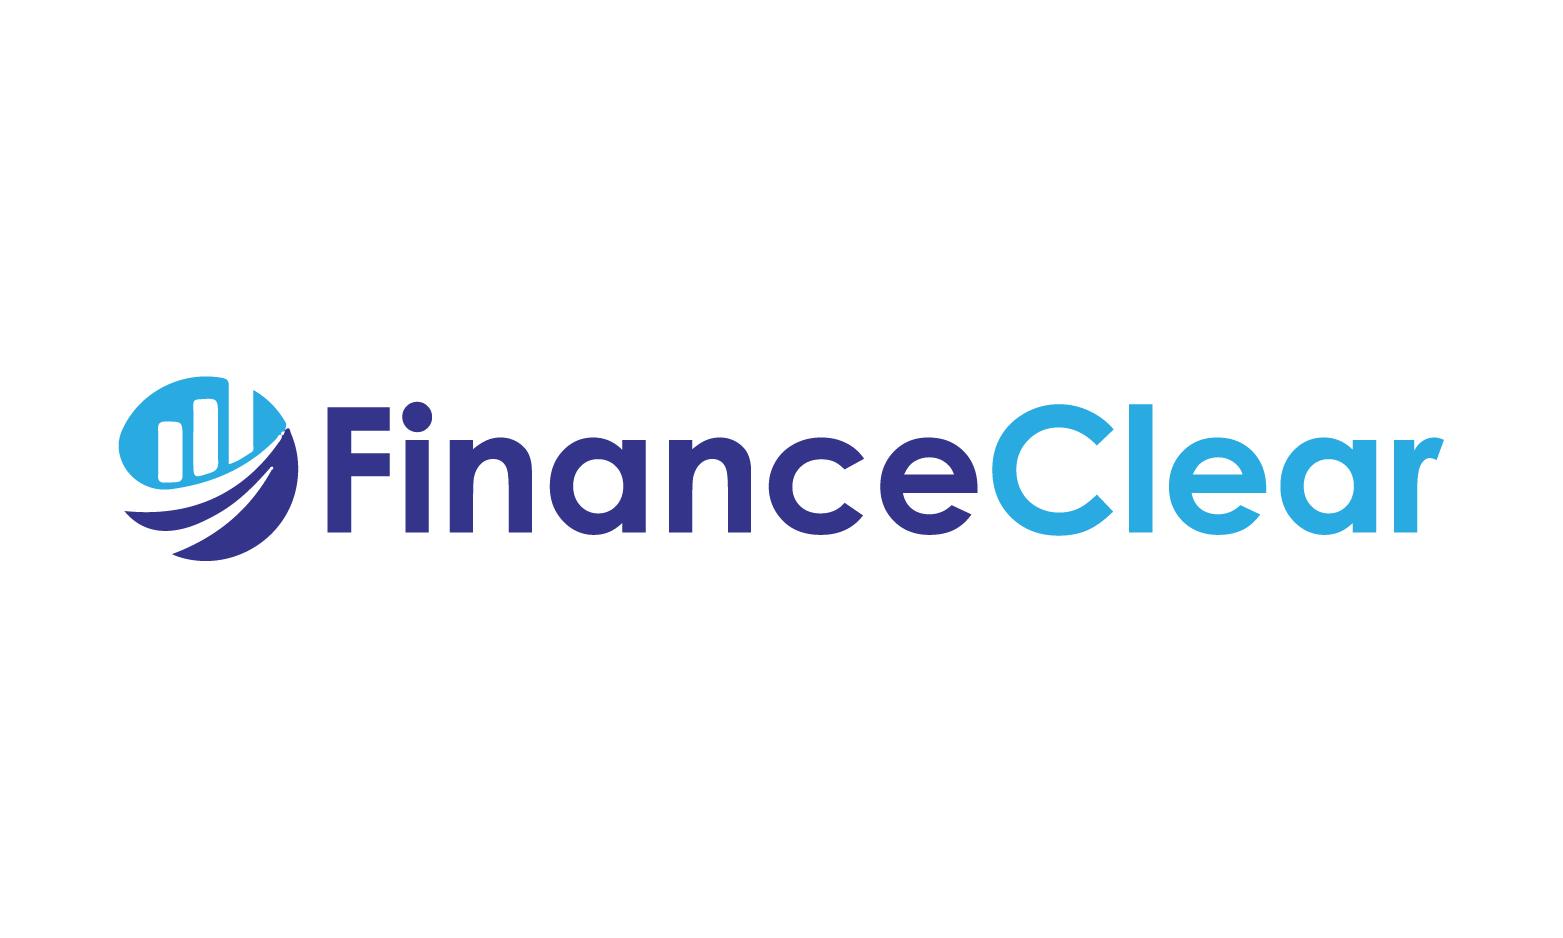 FinanceClear.com